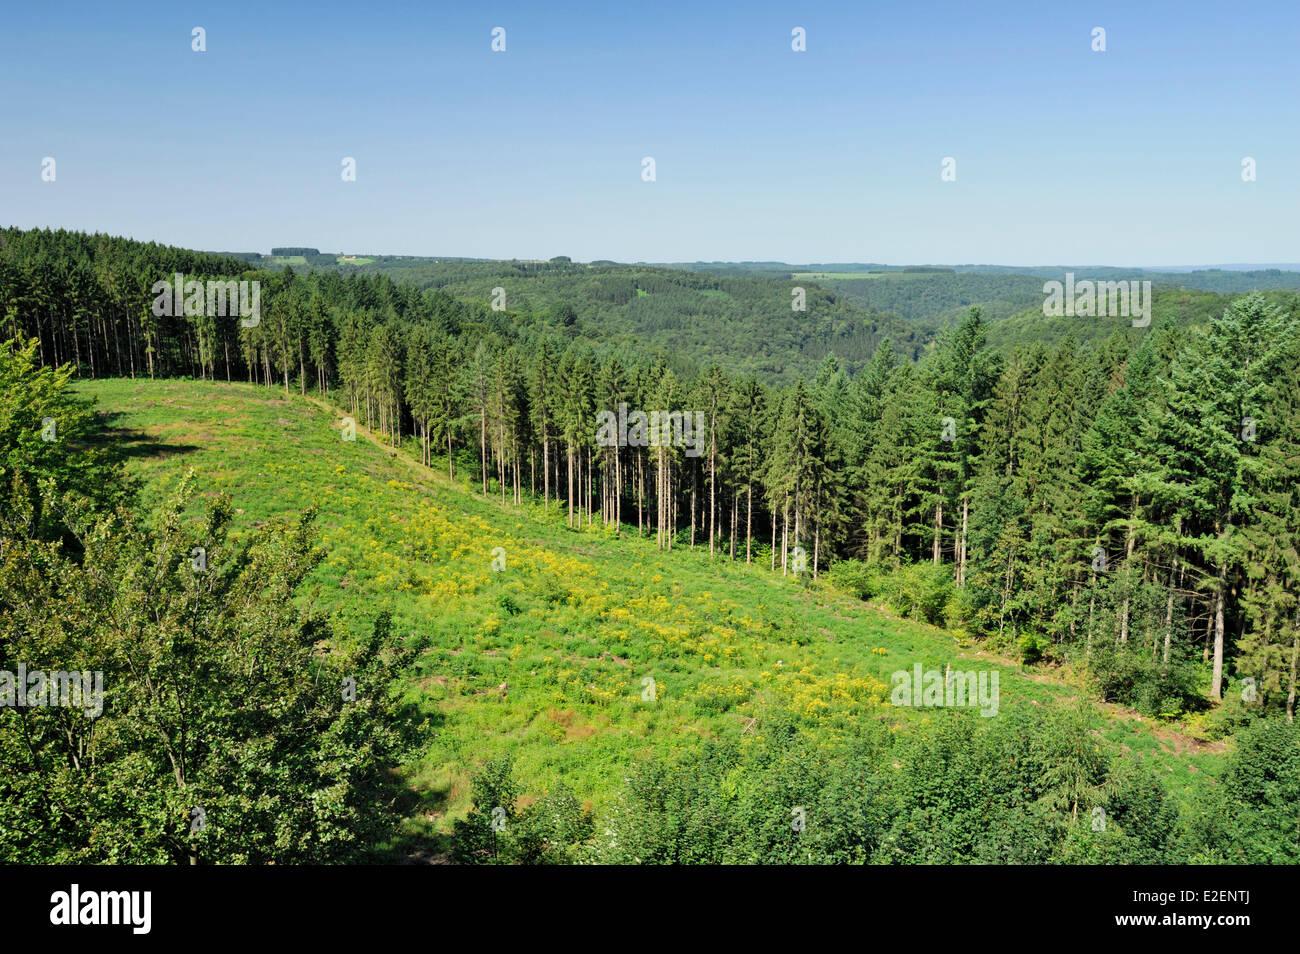 Belgium, Wallonia, Bouillon, forest far as the eye - Stock Image